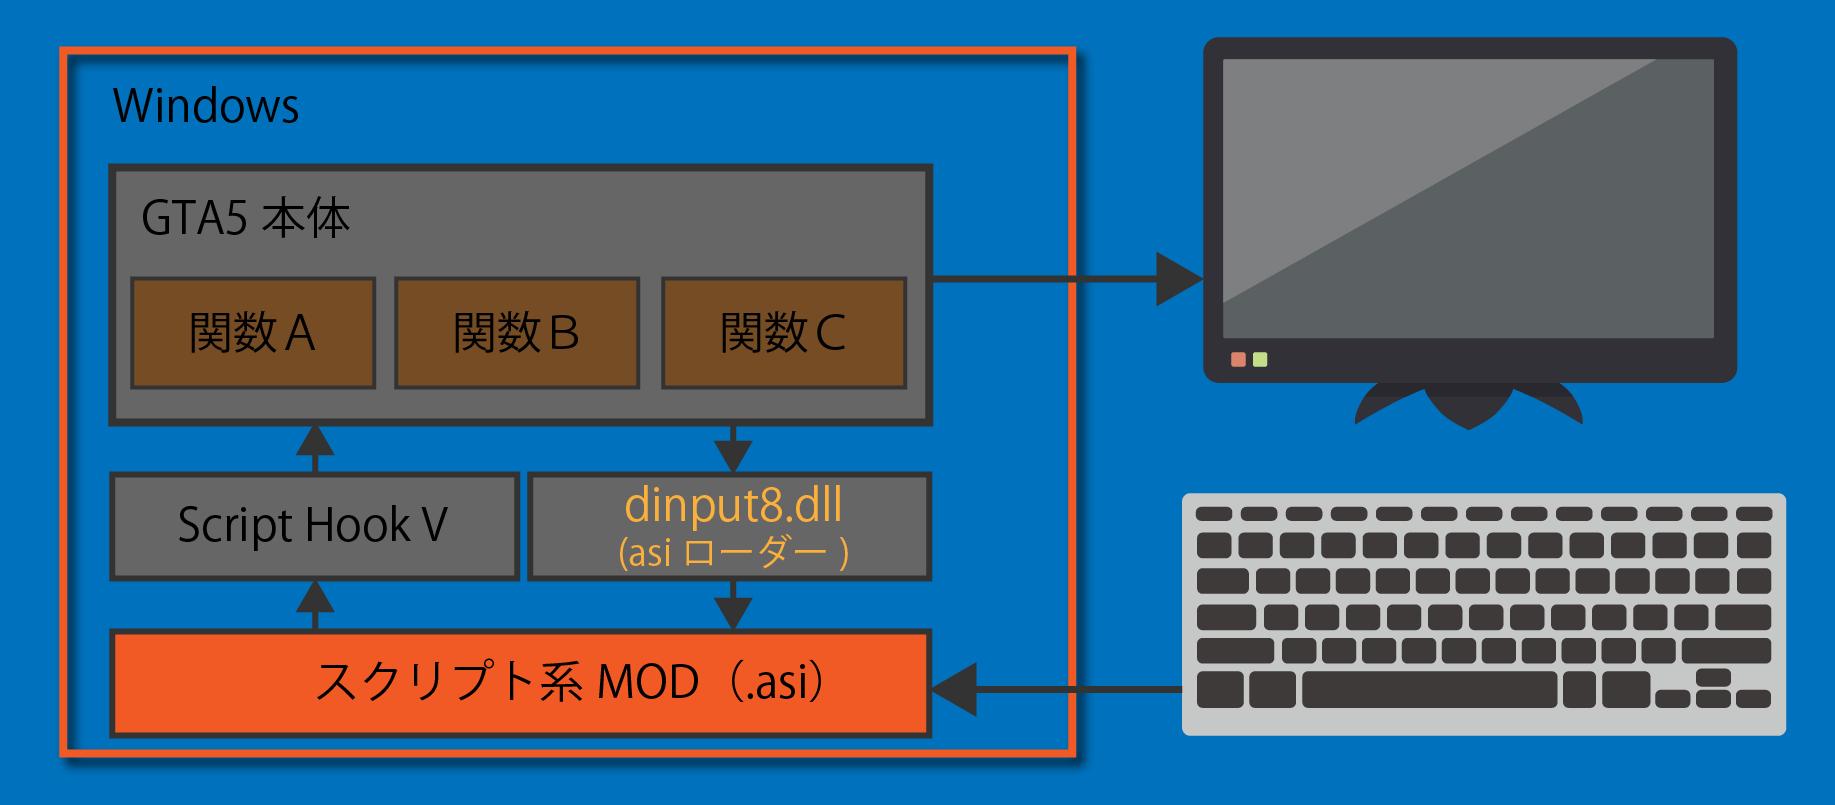 GTA5スクリプト系MOD構成図